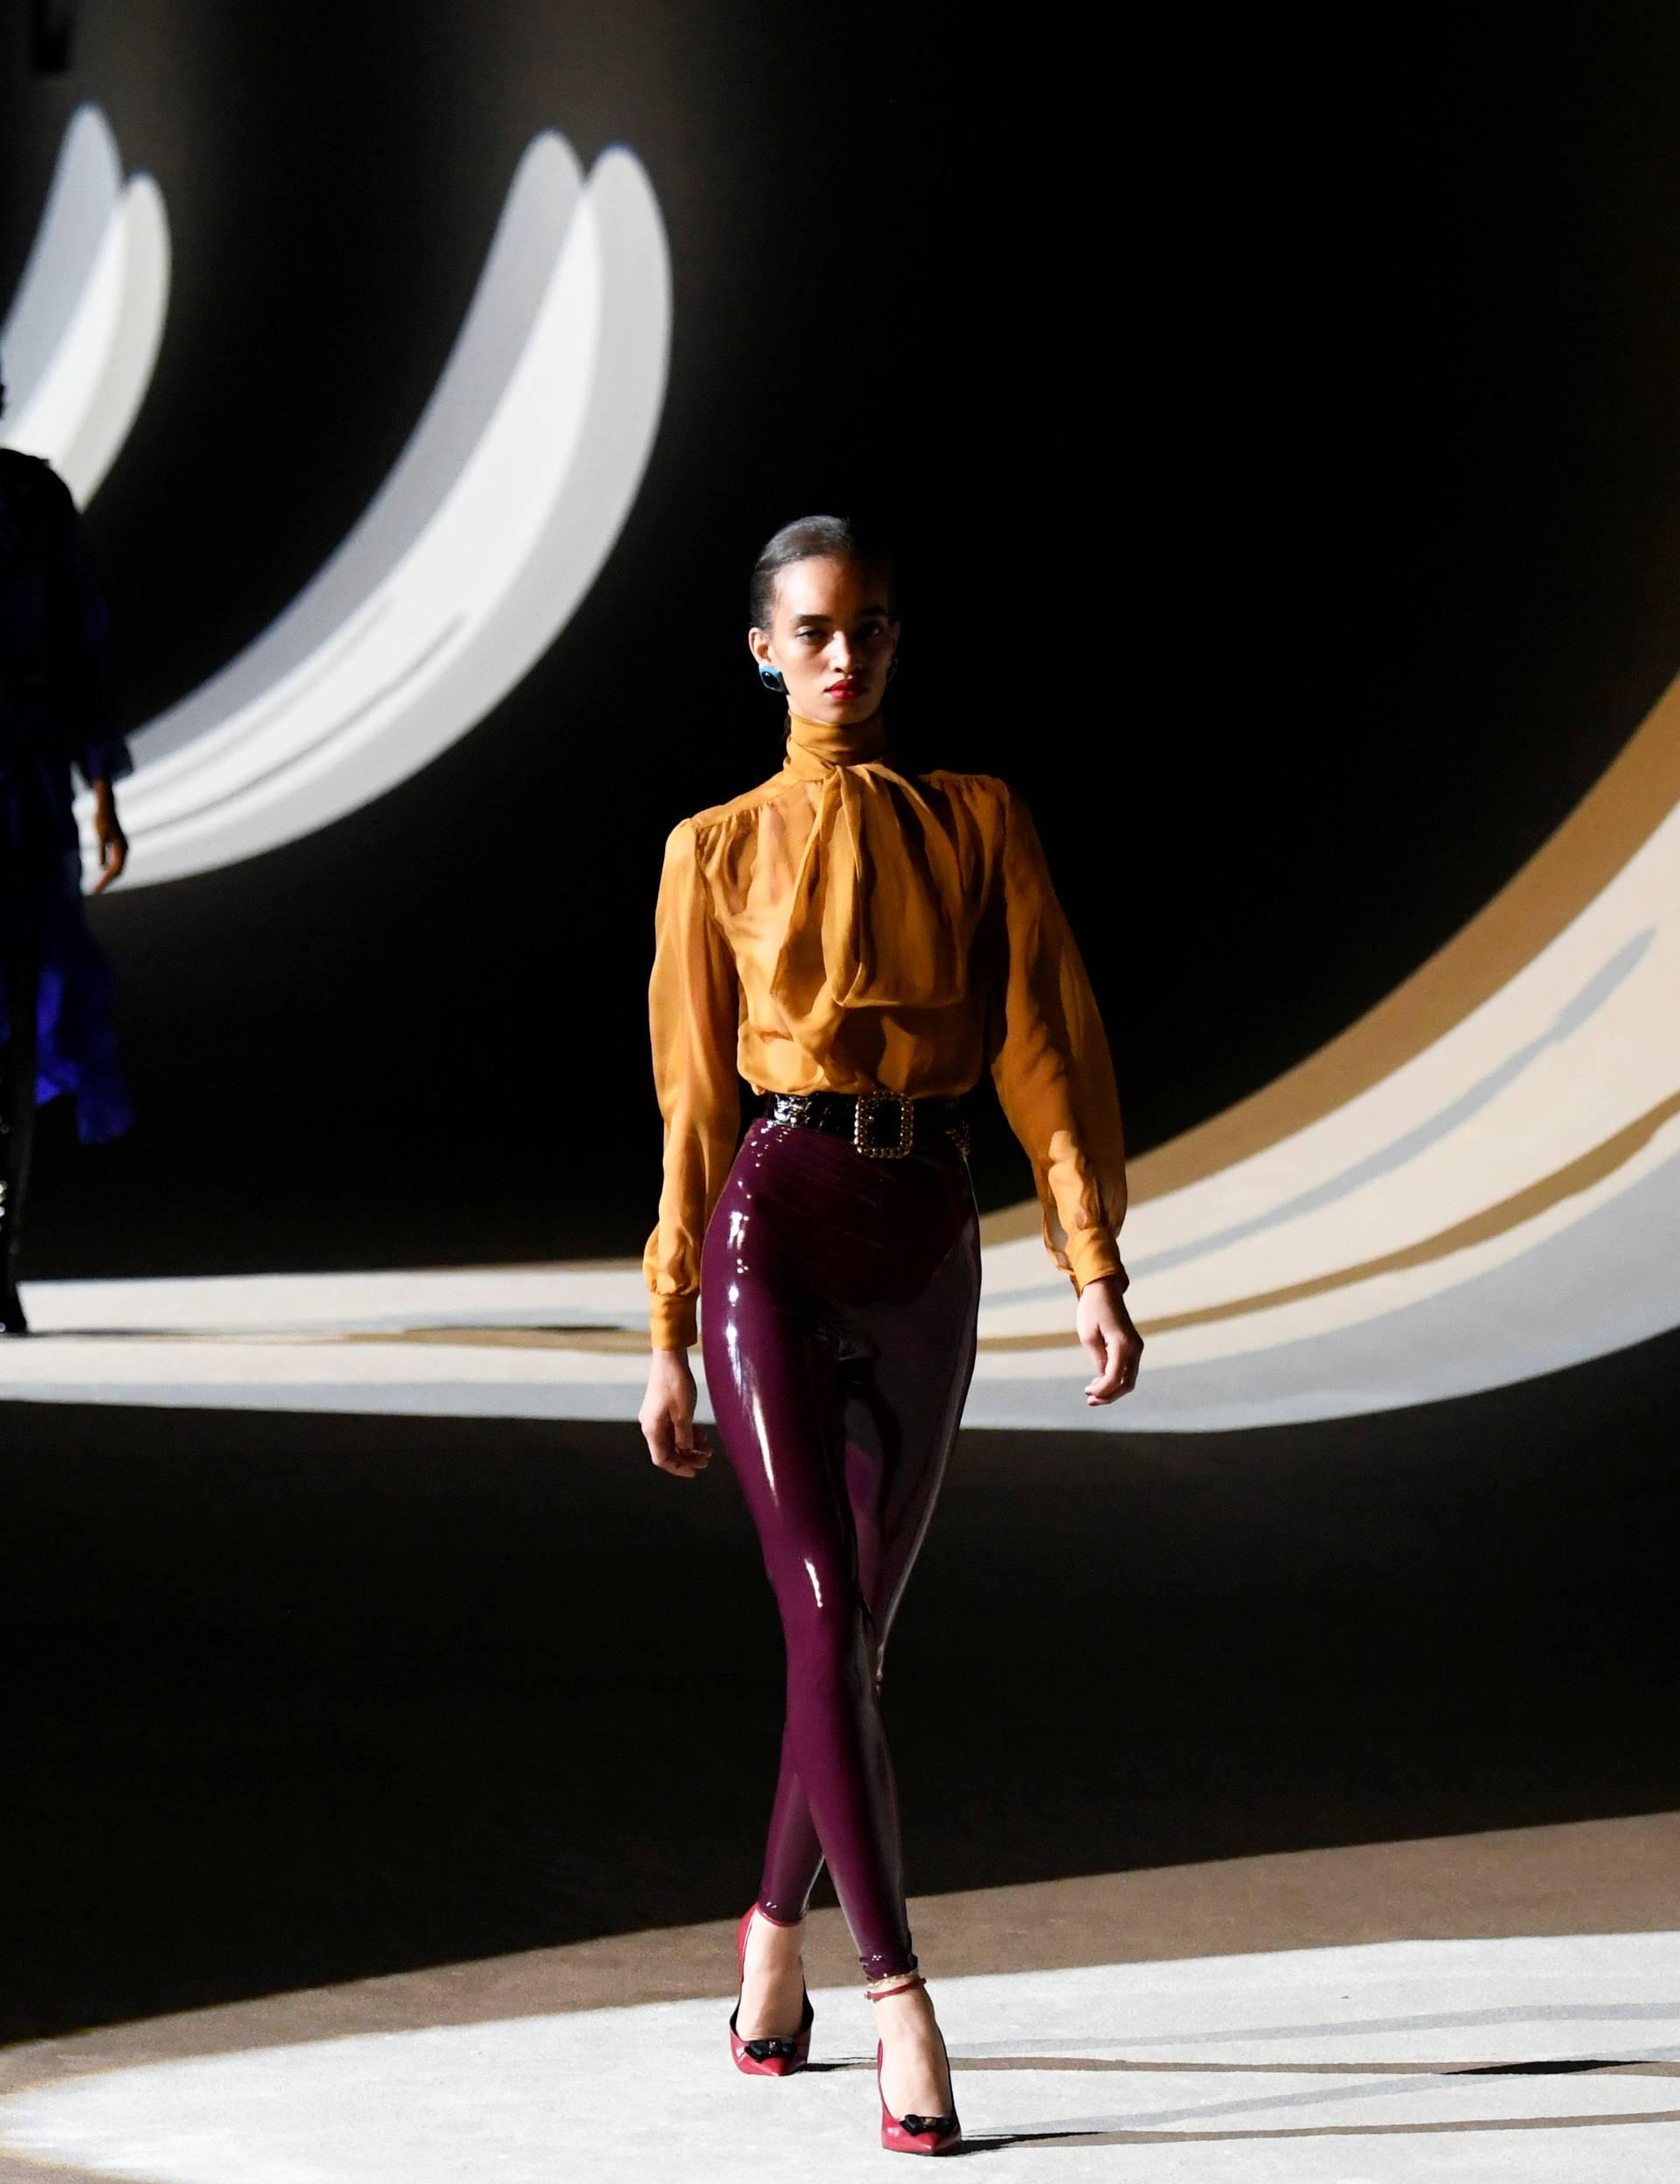 Saint Laurent collection show at Paris Fashion Week